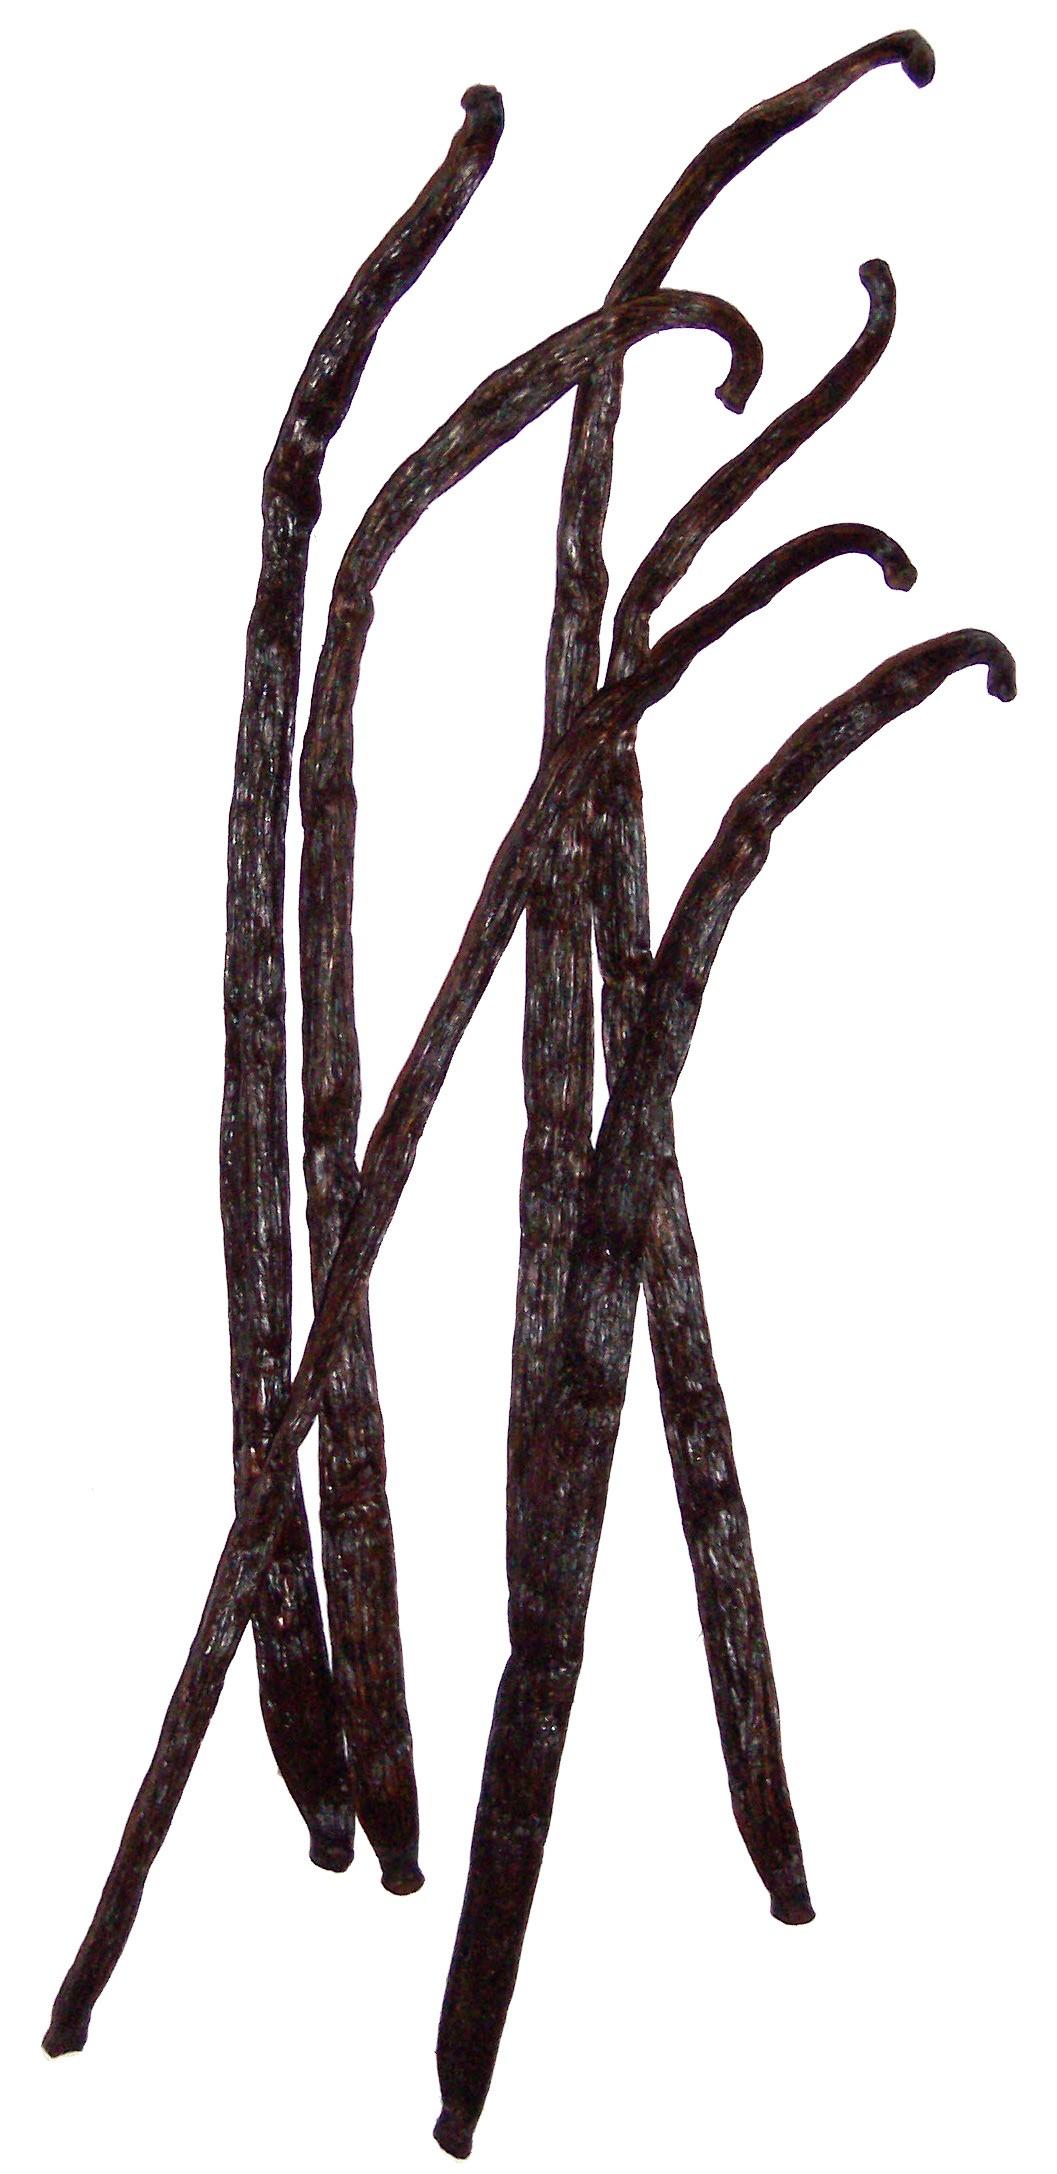 Vagens secas de baunilha (Foto: Wikimedia/B.navez)